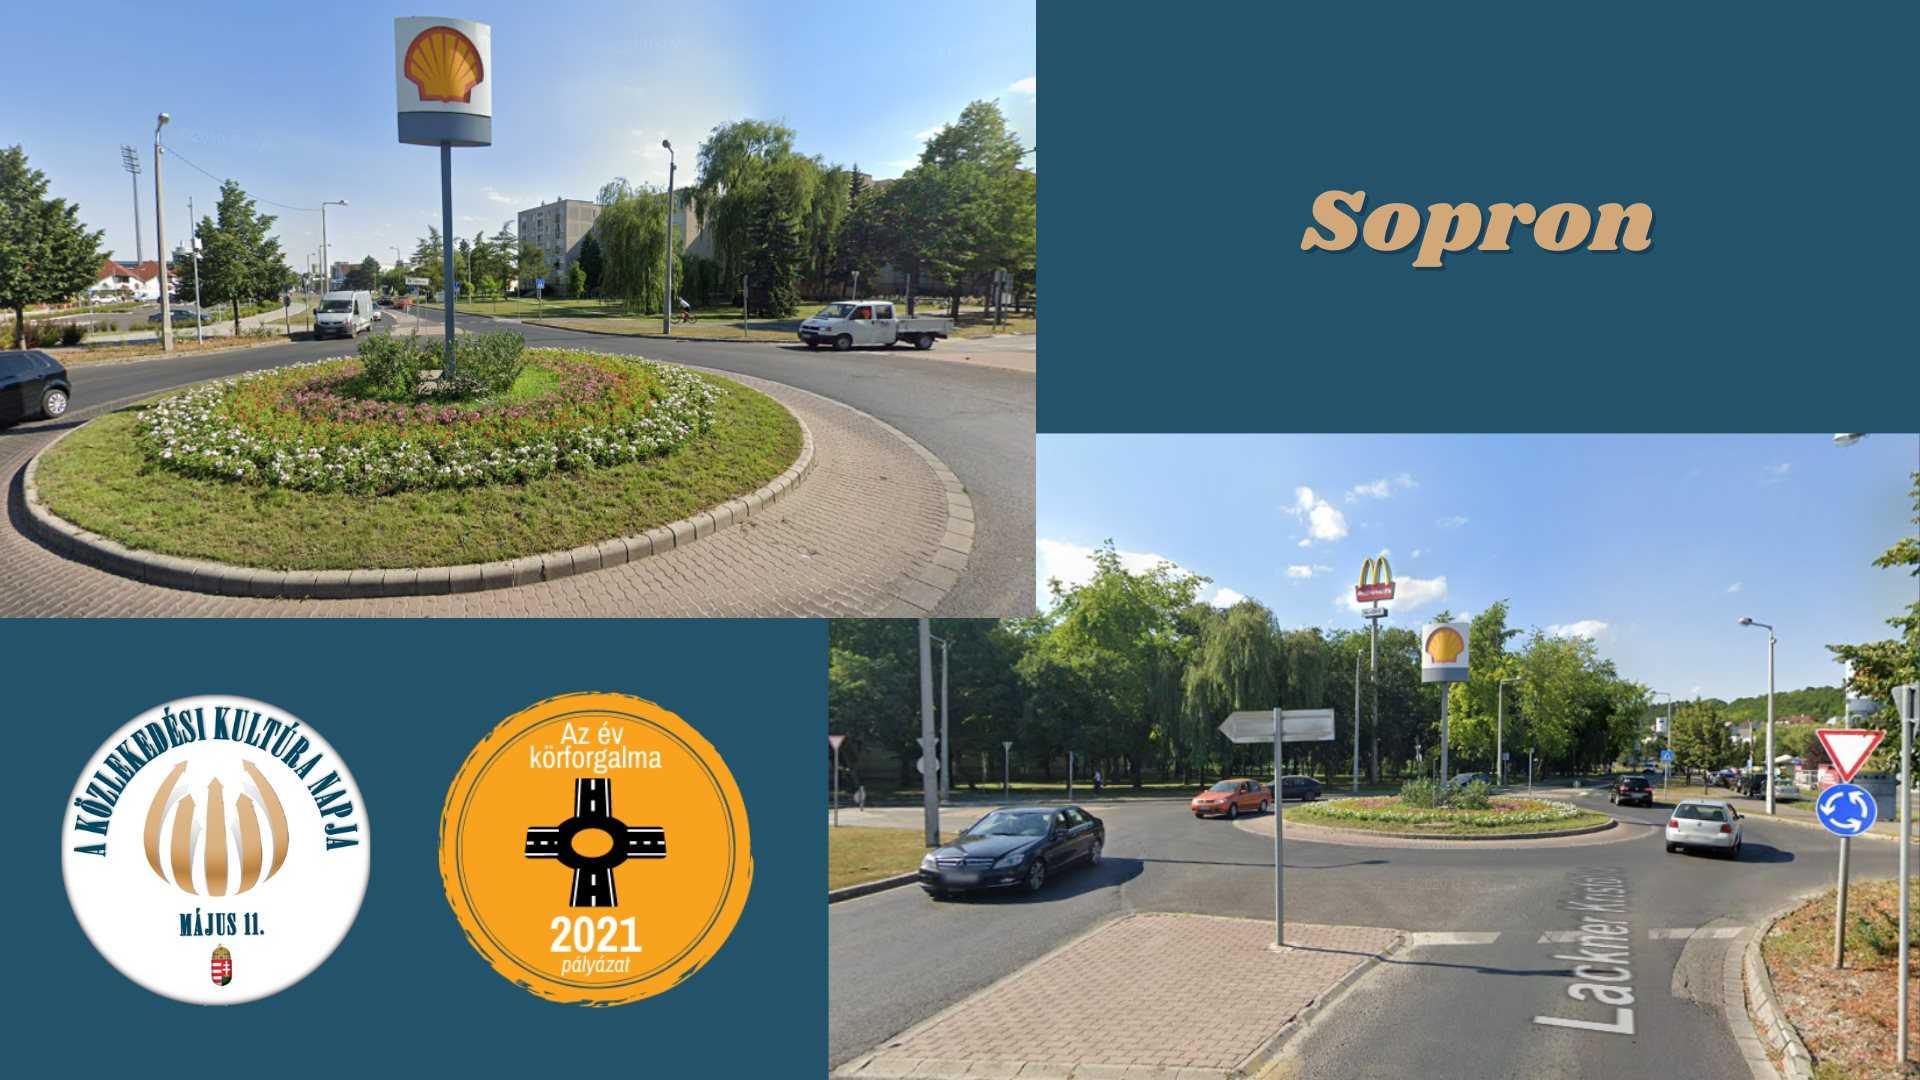 Körforgalom Sopron Lackner Kristóf utca